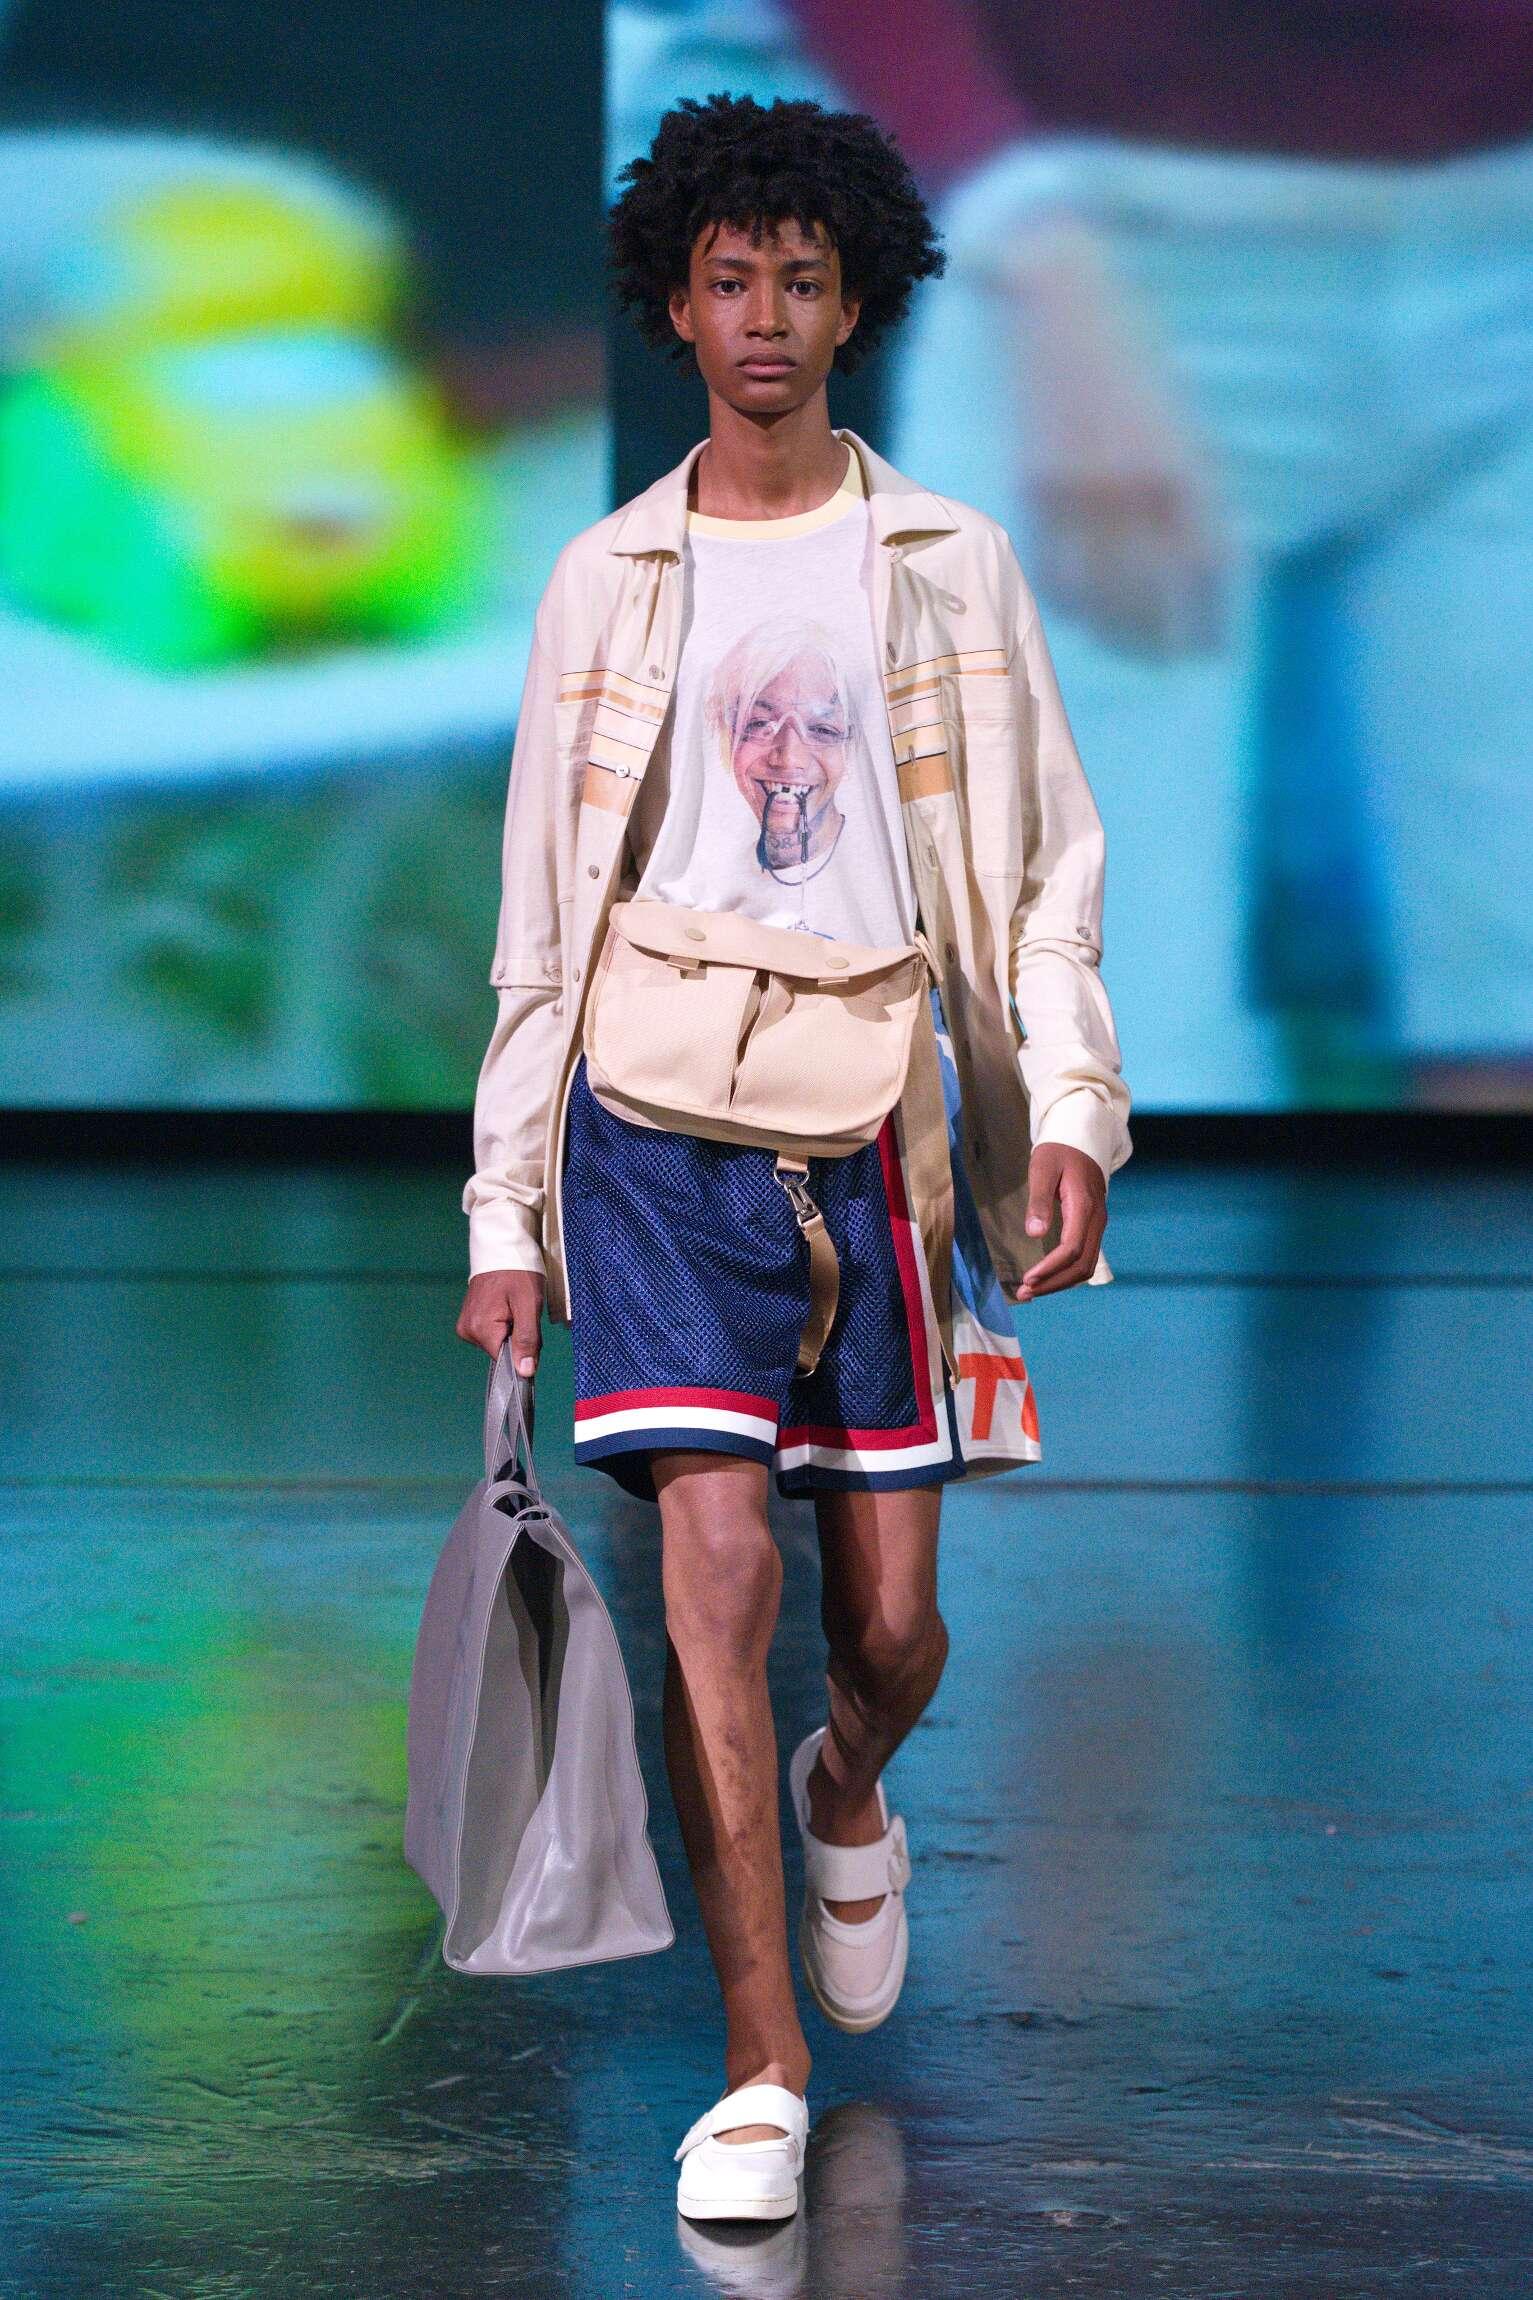 Catwalk Telfar Man Fashion Show Summer 2020